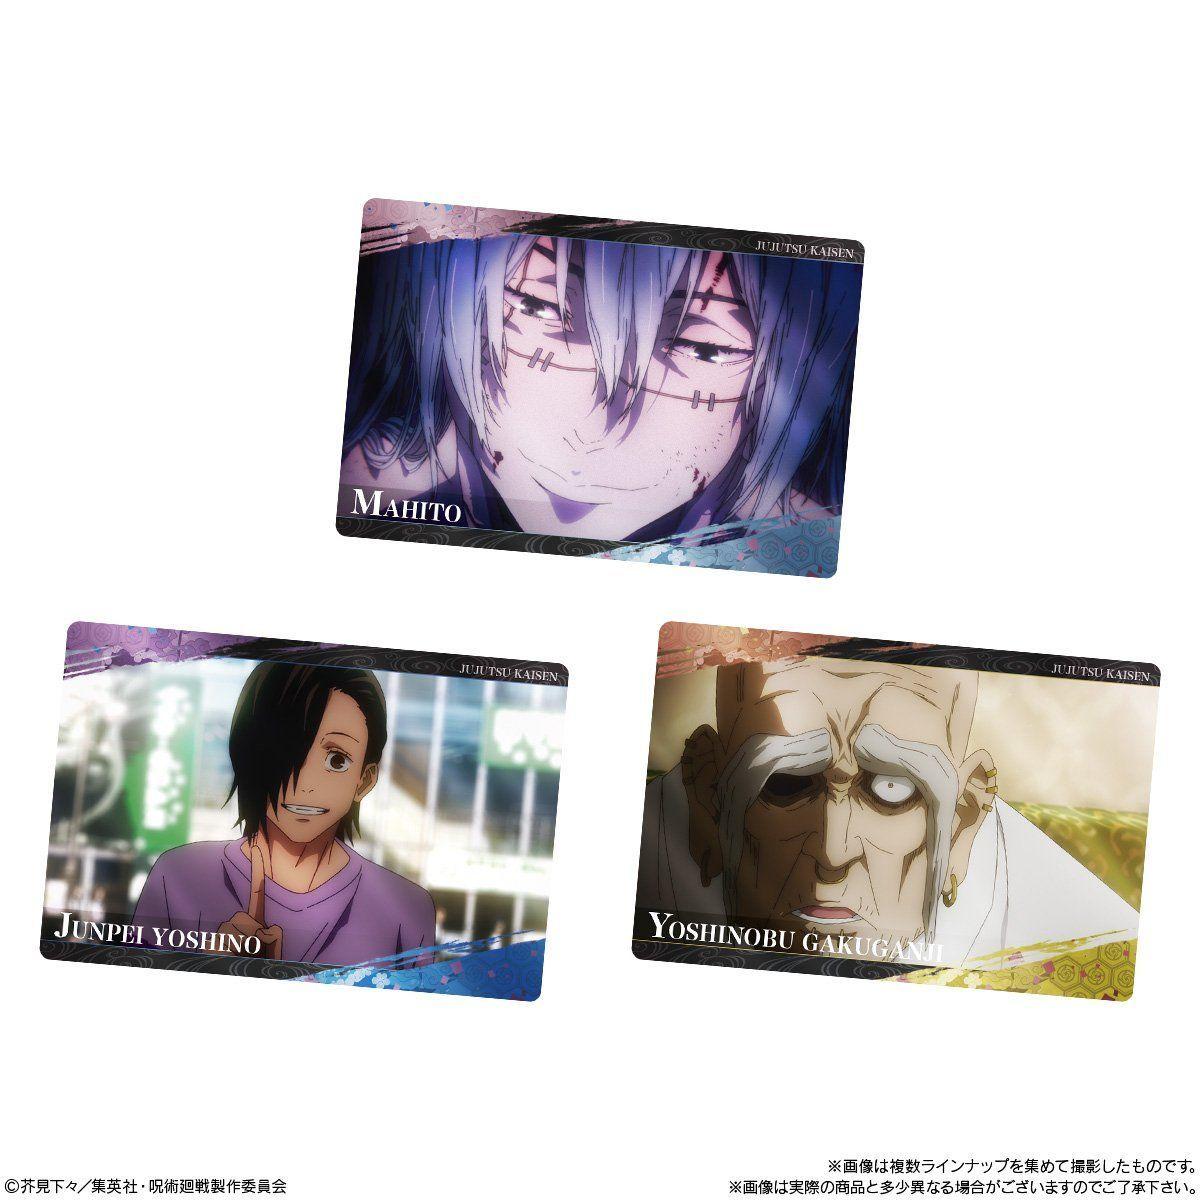 【食玩】呪術廻戦『呪術廻戦ウエハース2』20個入りBOX-006